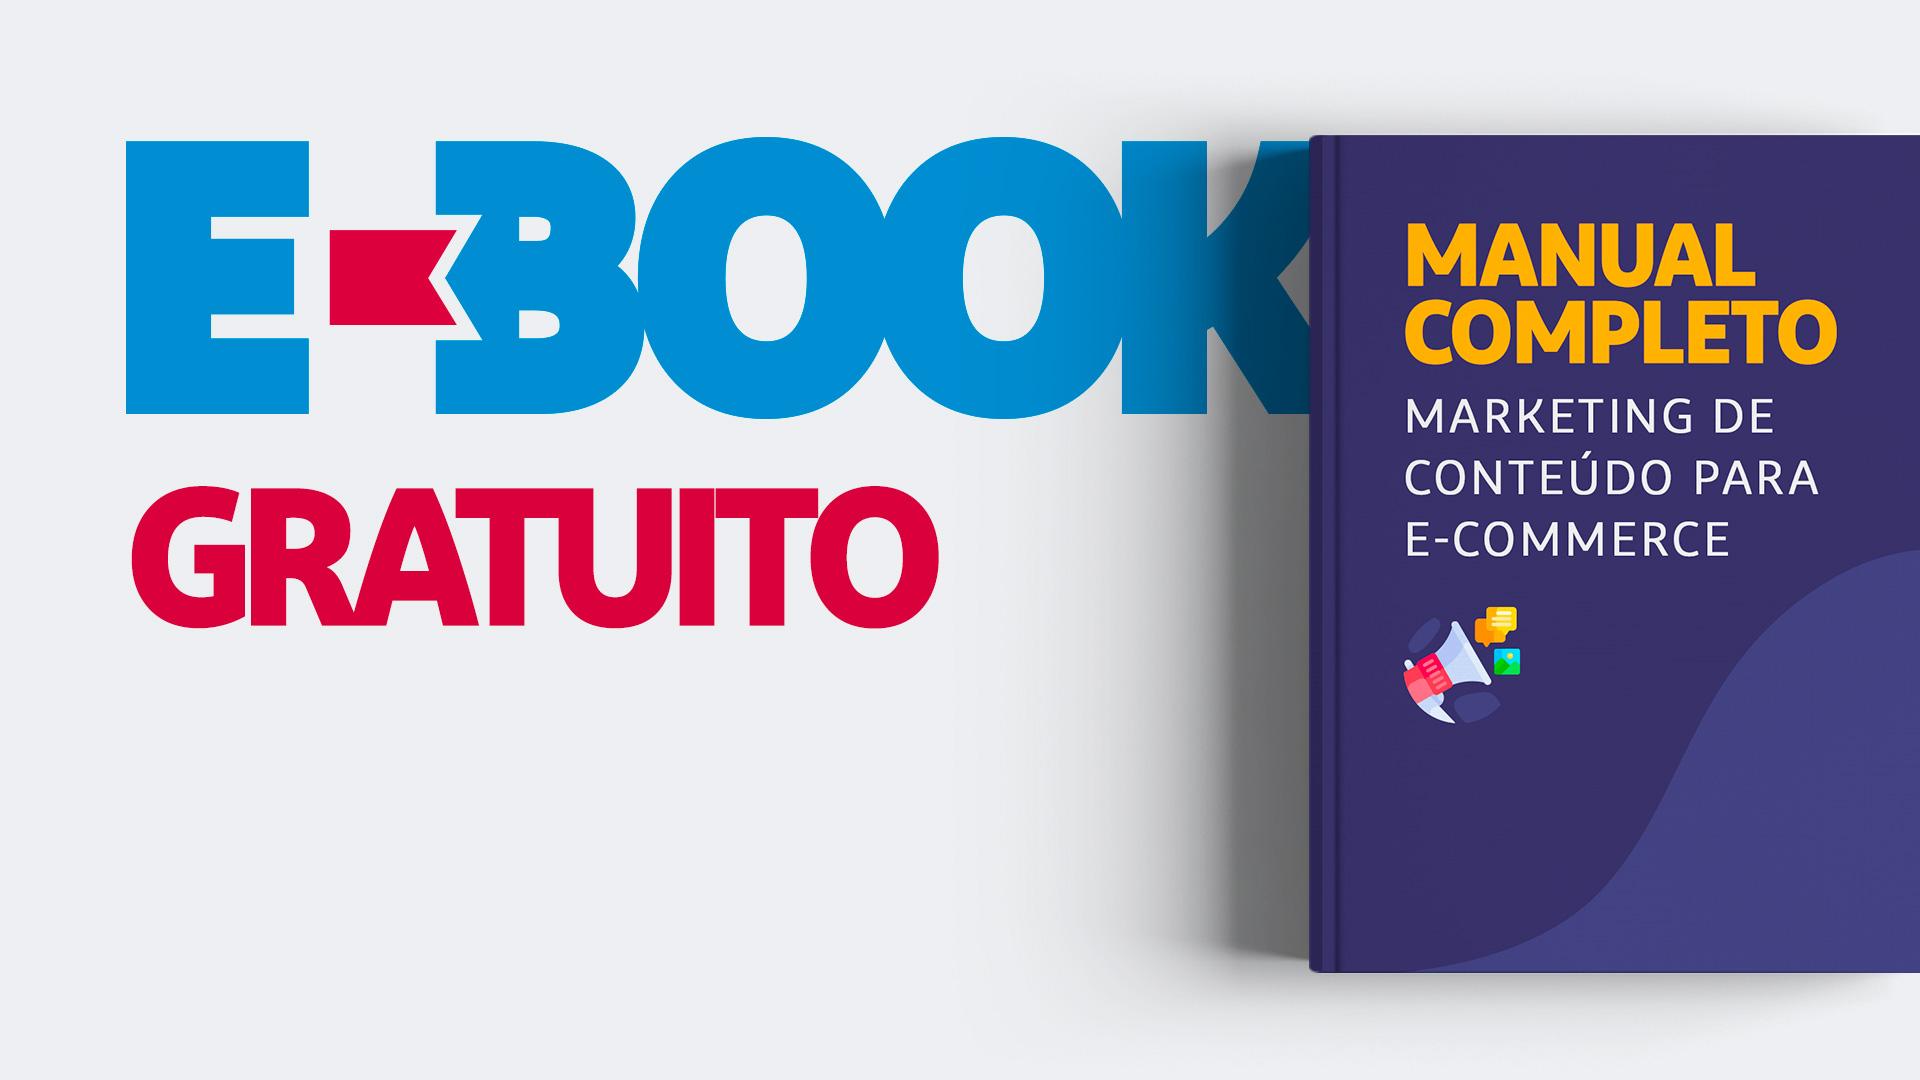 Manual completo sobre marketing de conteúdo para e-commerce